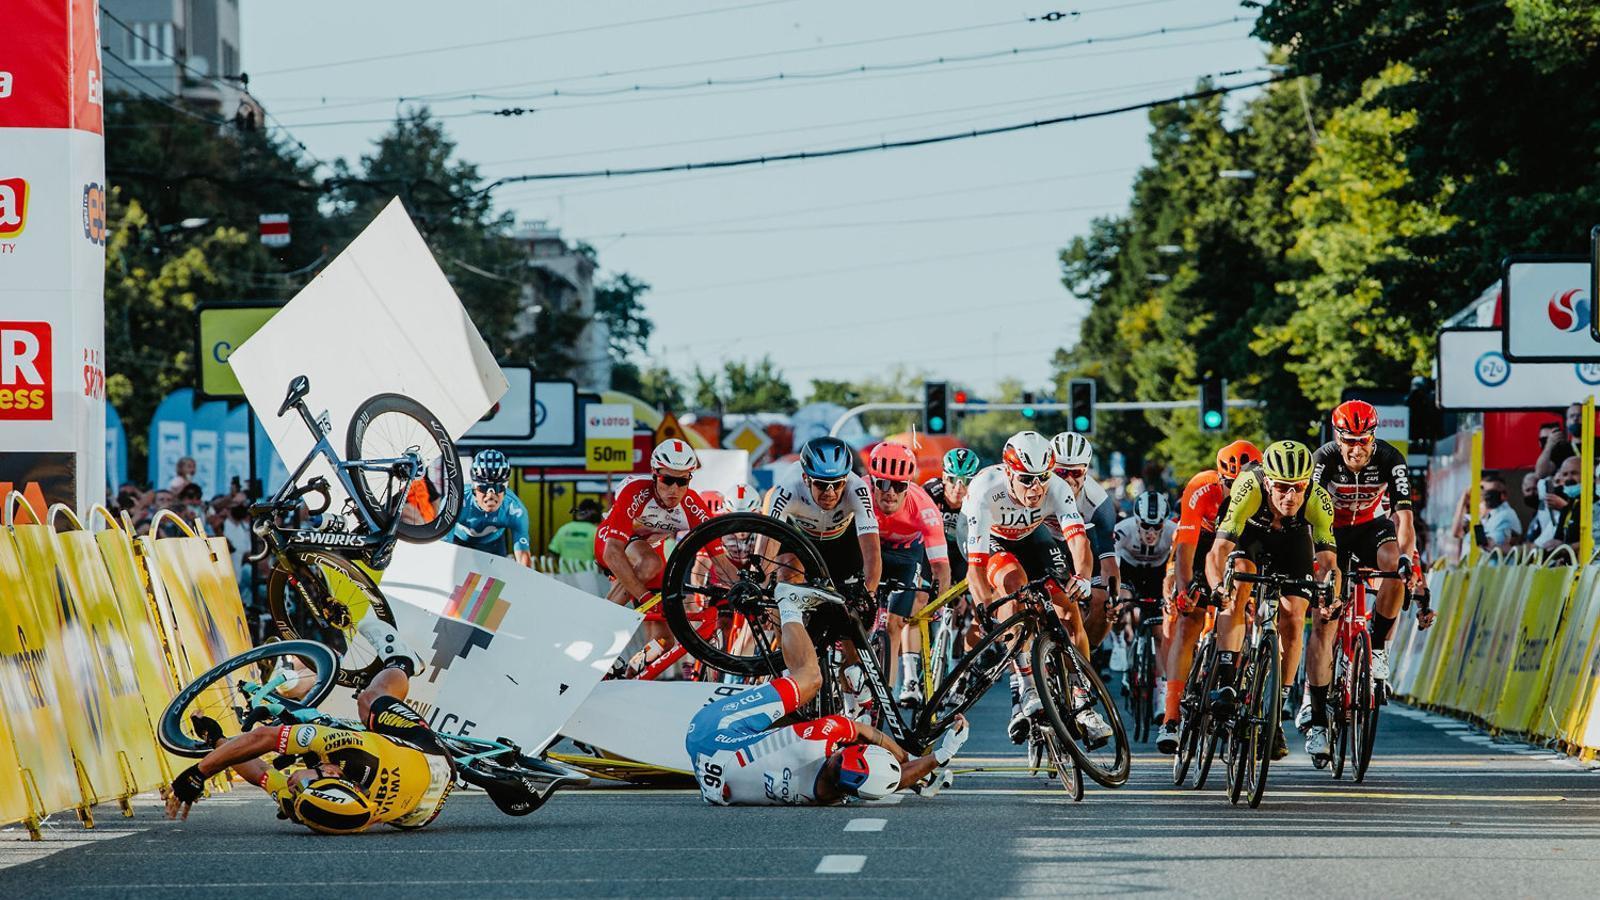 La caiguda al final de l'última etapa del Tour de Polònia, que va enviar Jakobsen a l'hospital.